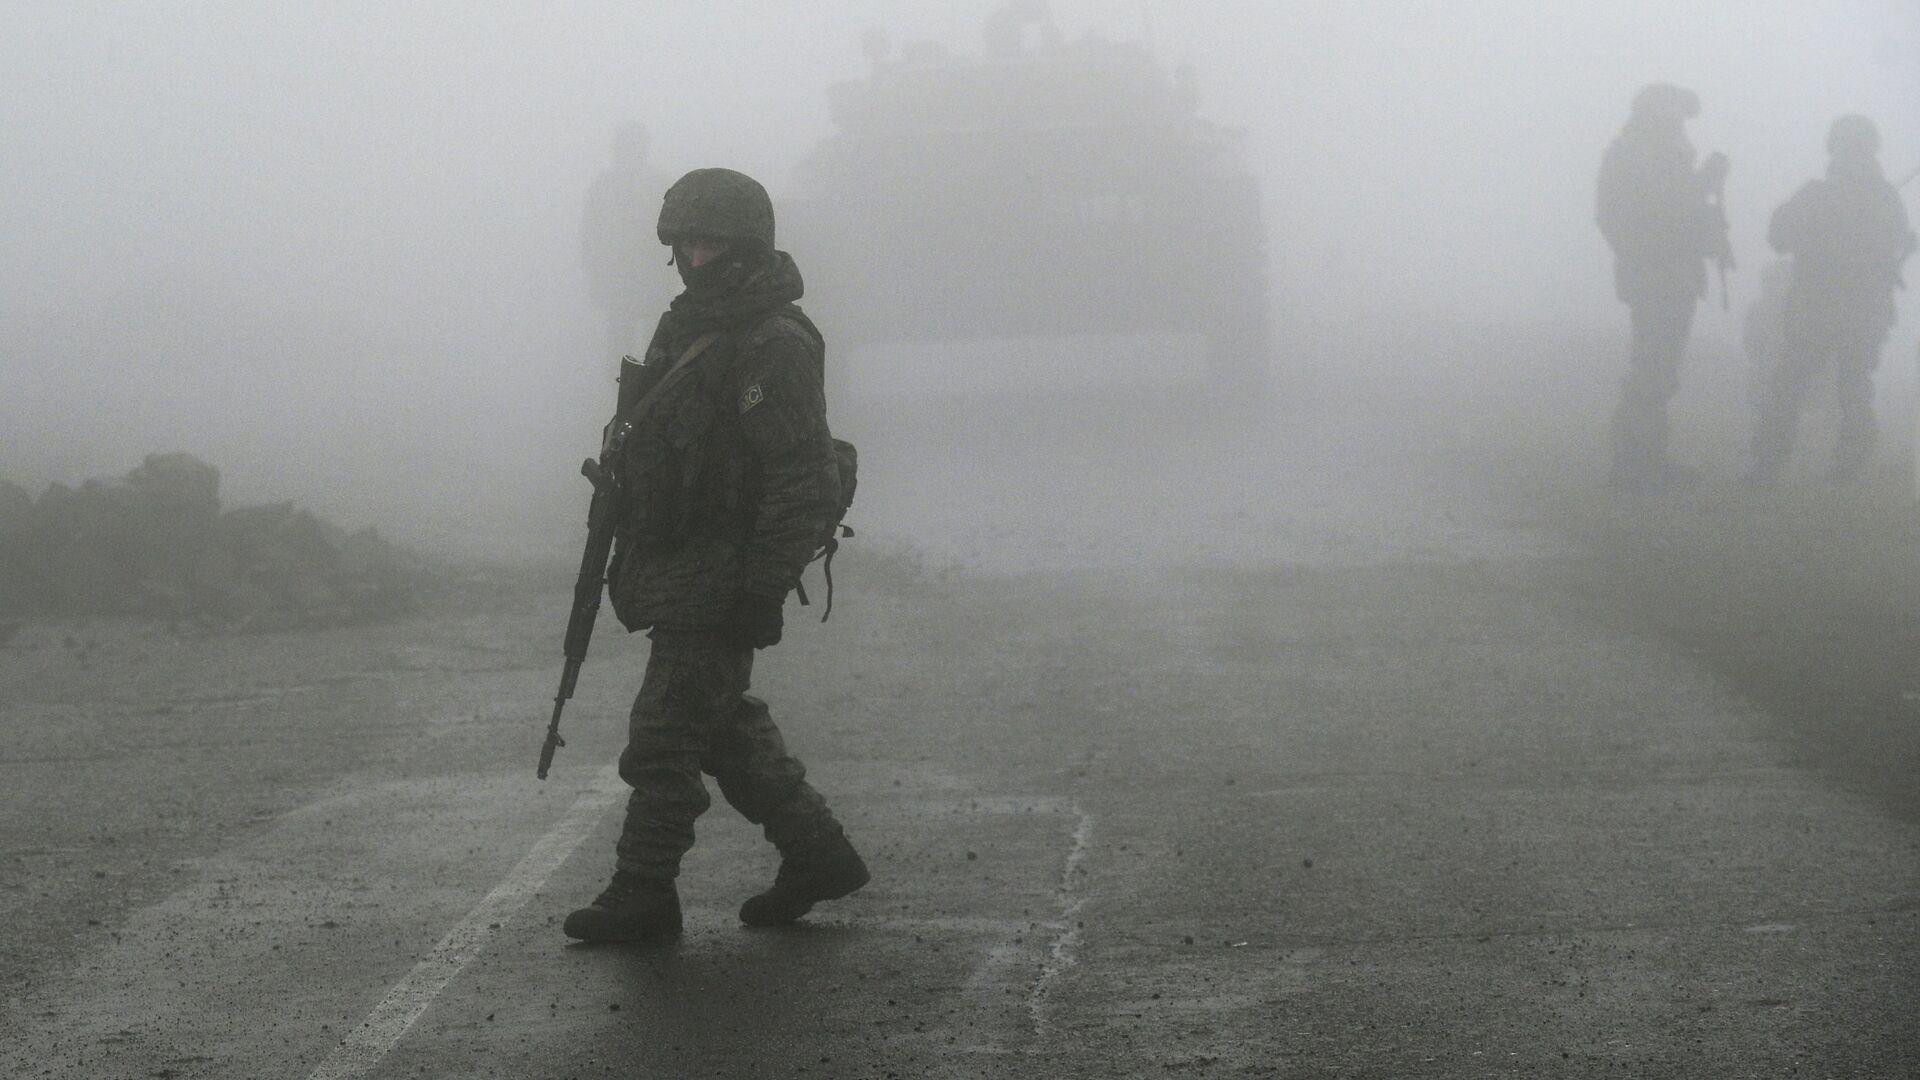 Нагорный Карабах. Российские миротворцы обеспечивают безопасность движения - Sputnik Грузия, 1920, 16.09.2021